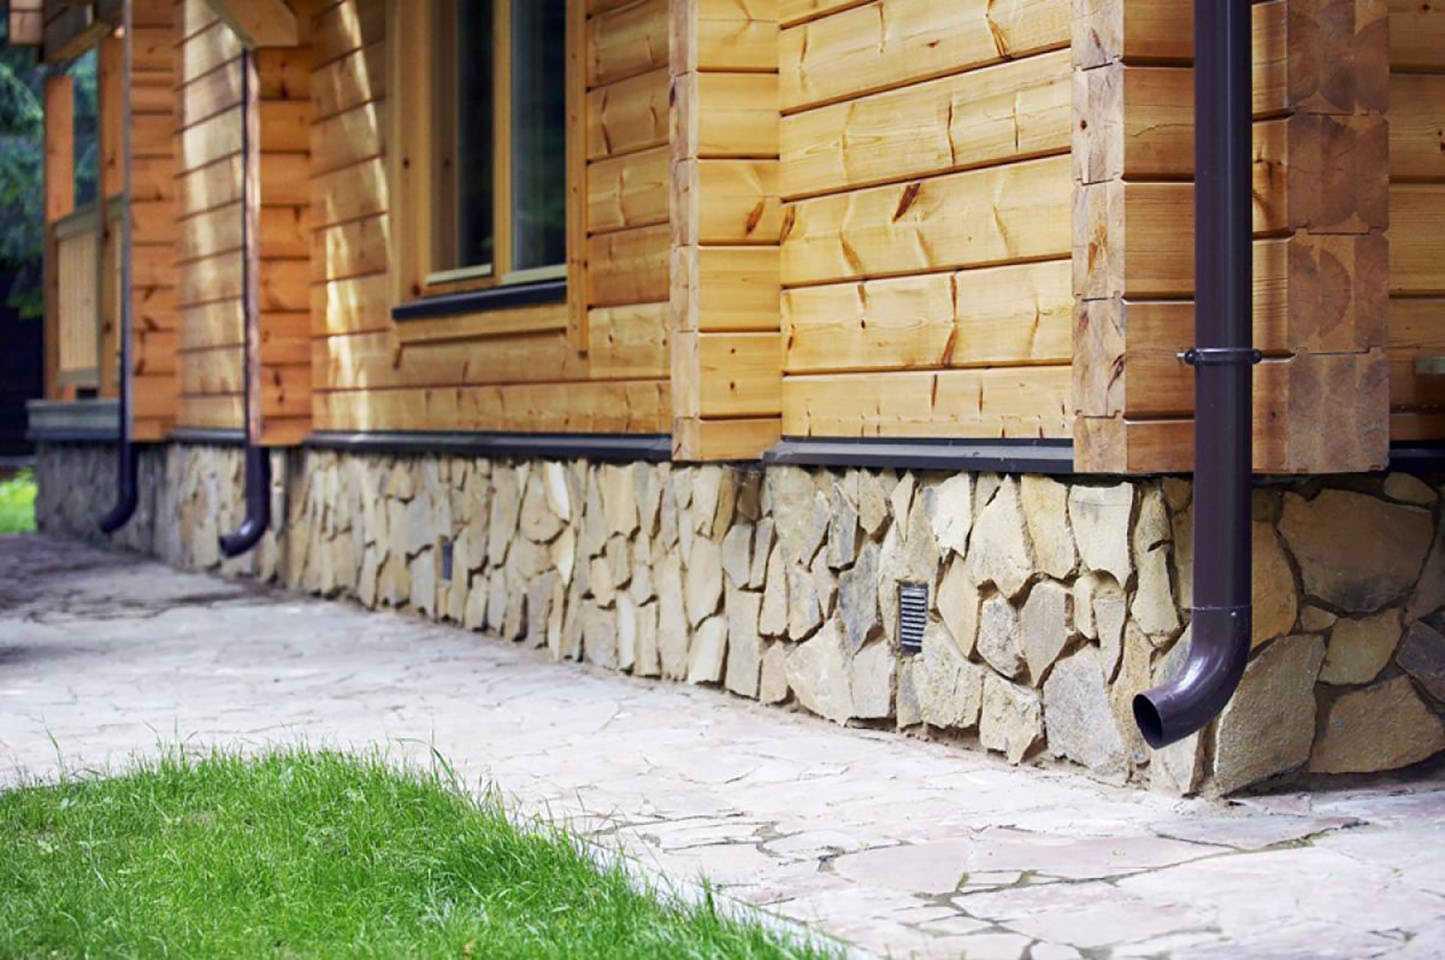 otdelka-tsokolya-doma-foto-video-materialy-otdelki-i-vidy-oblitsovki-tsokolya-4